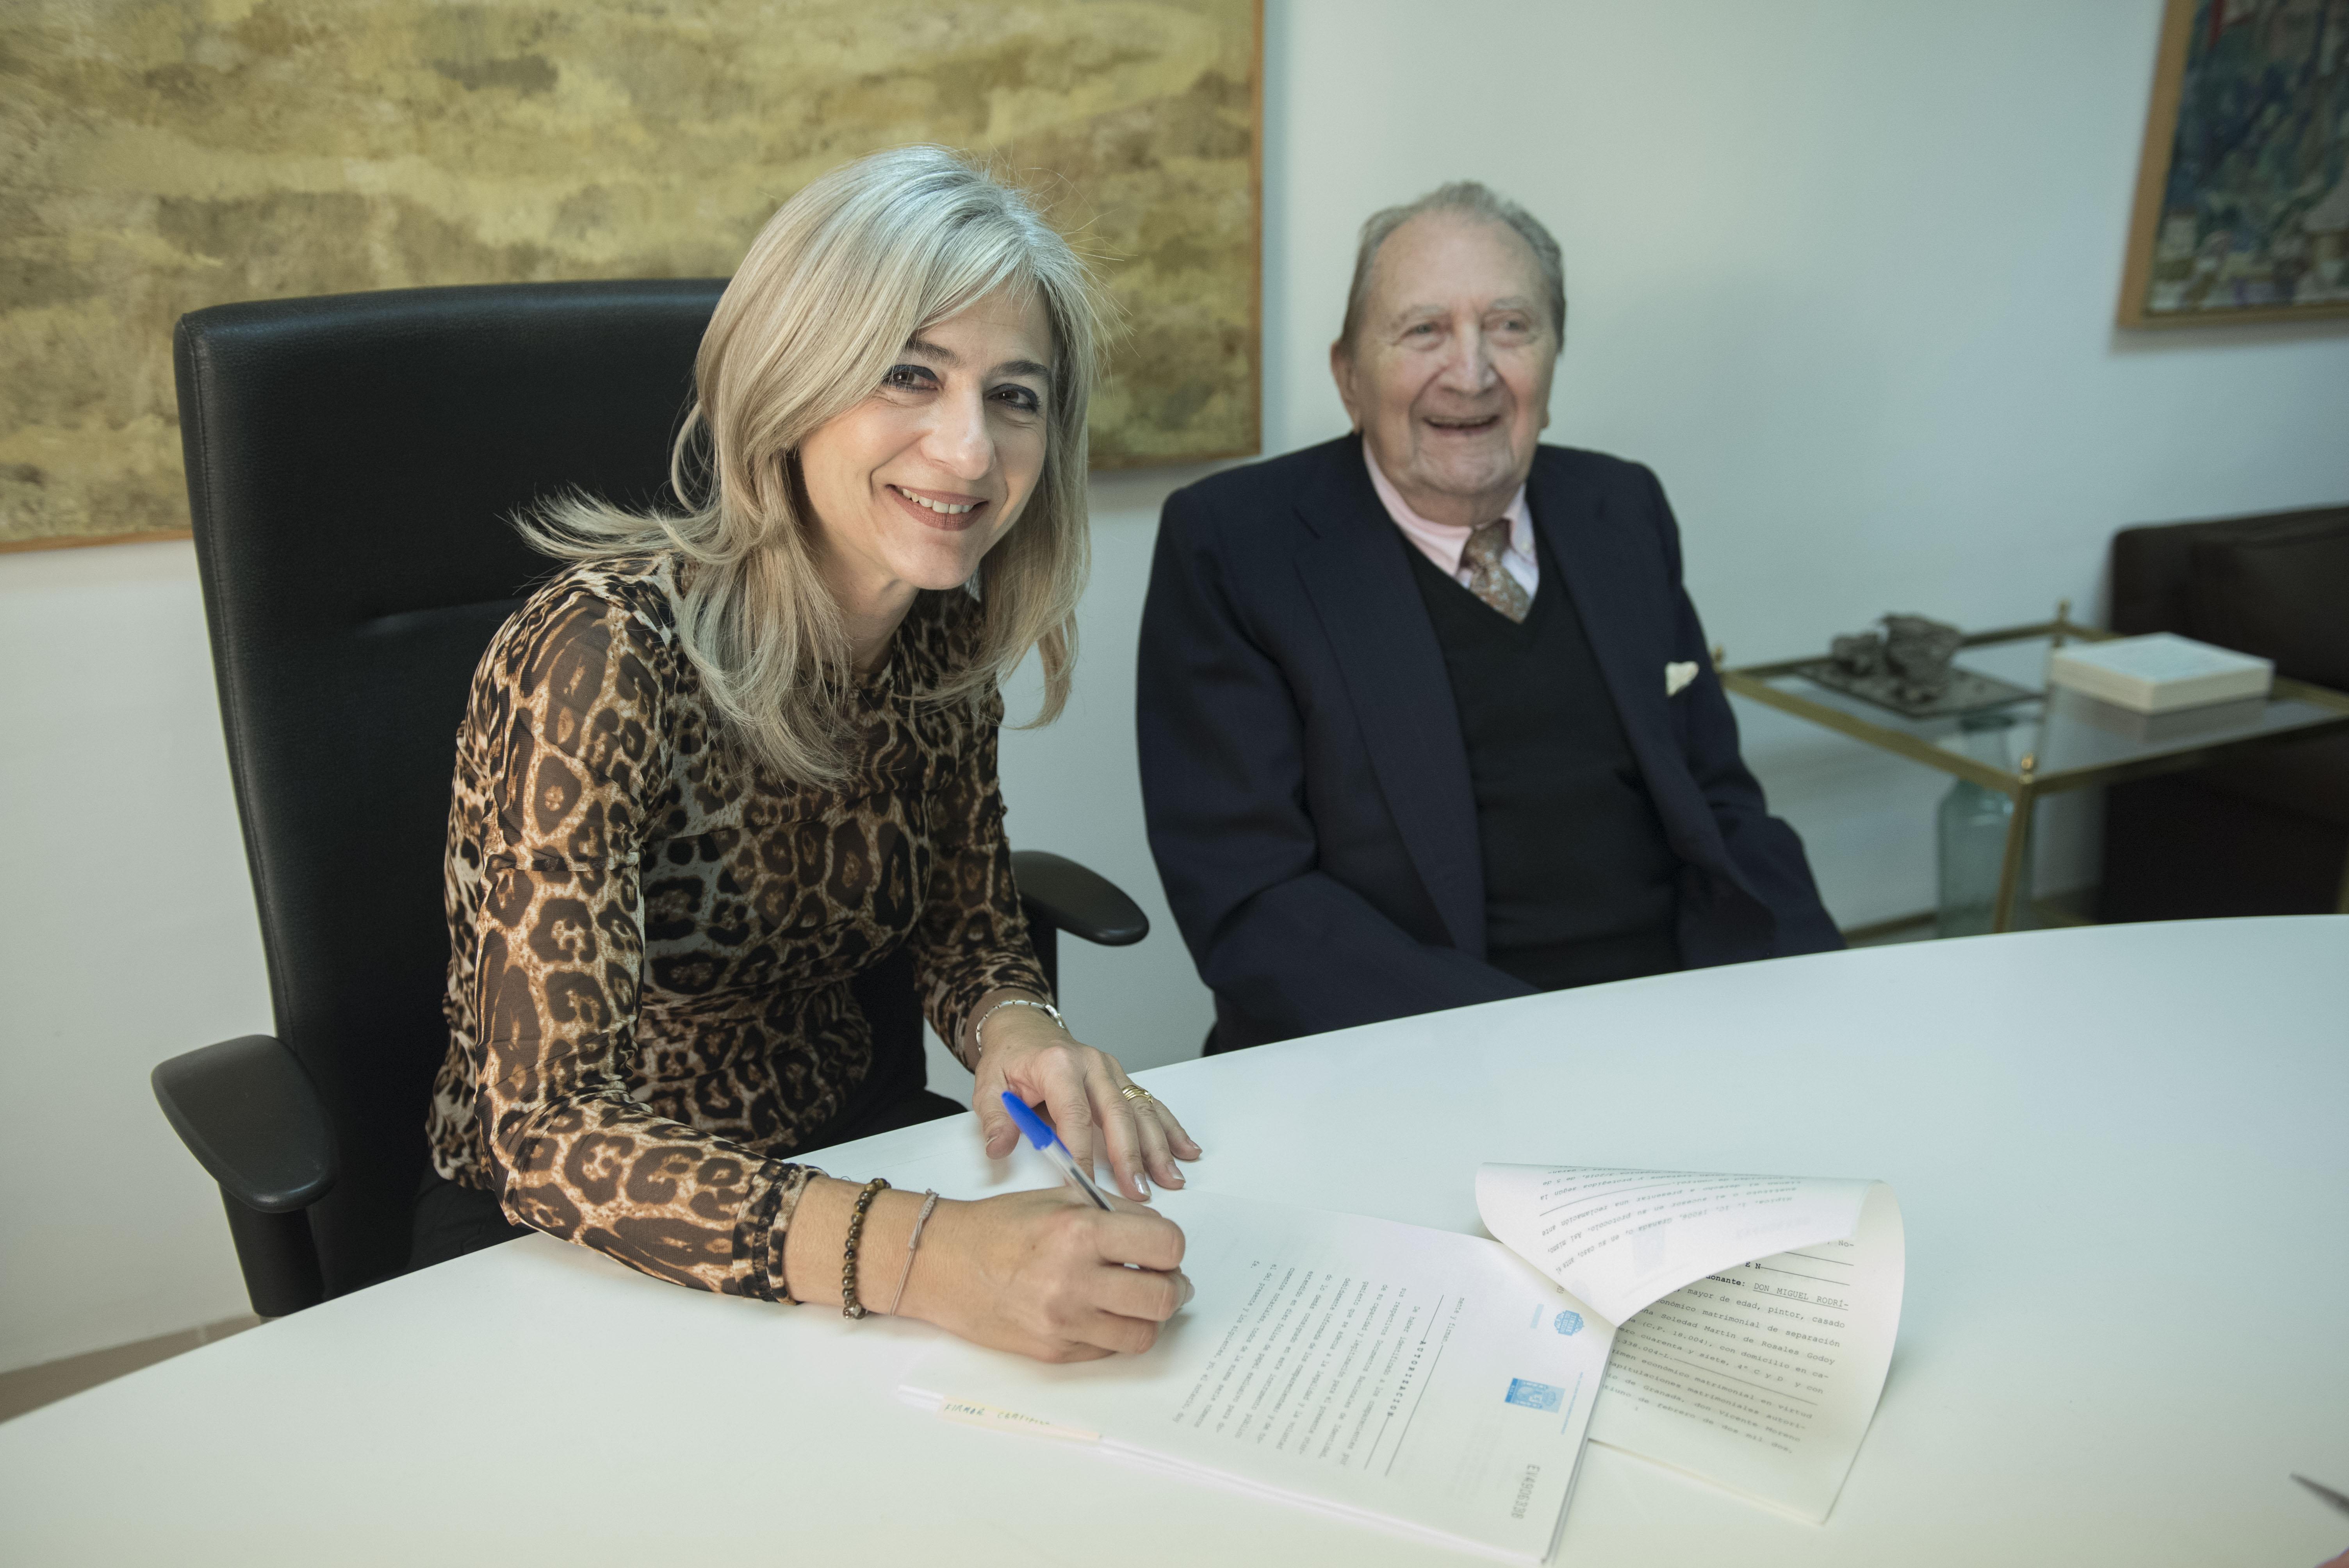 La Fundación Rodríguez-Acosta amplía su fondo documental con 145 obras más donadas por su presidente de Honor